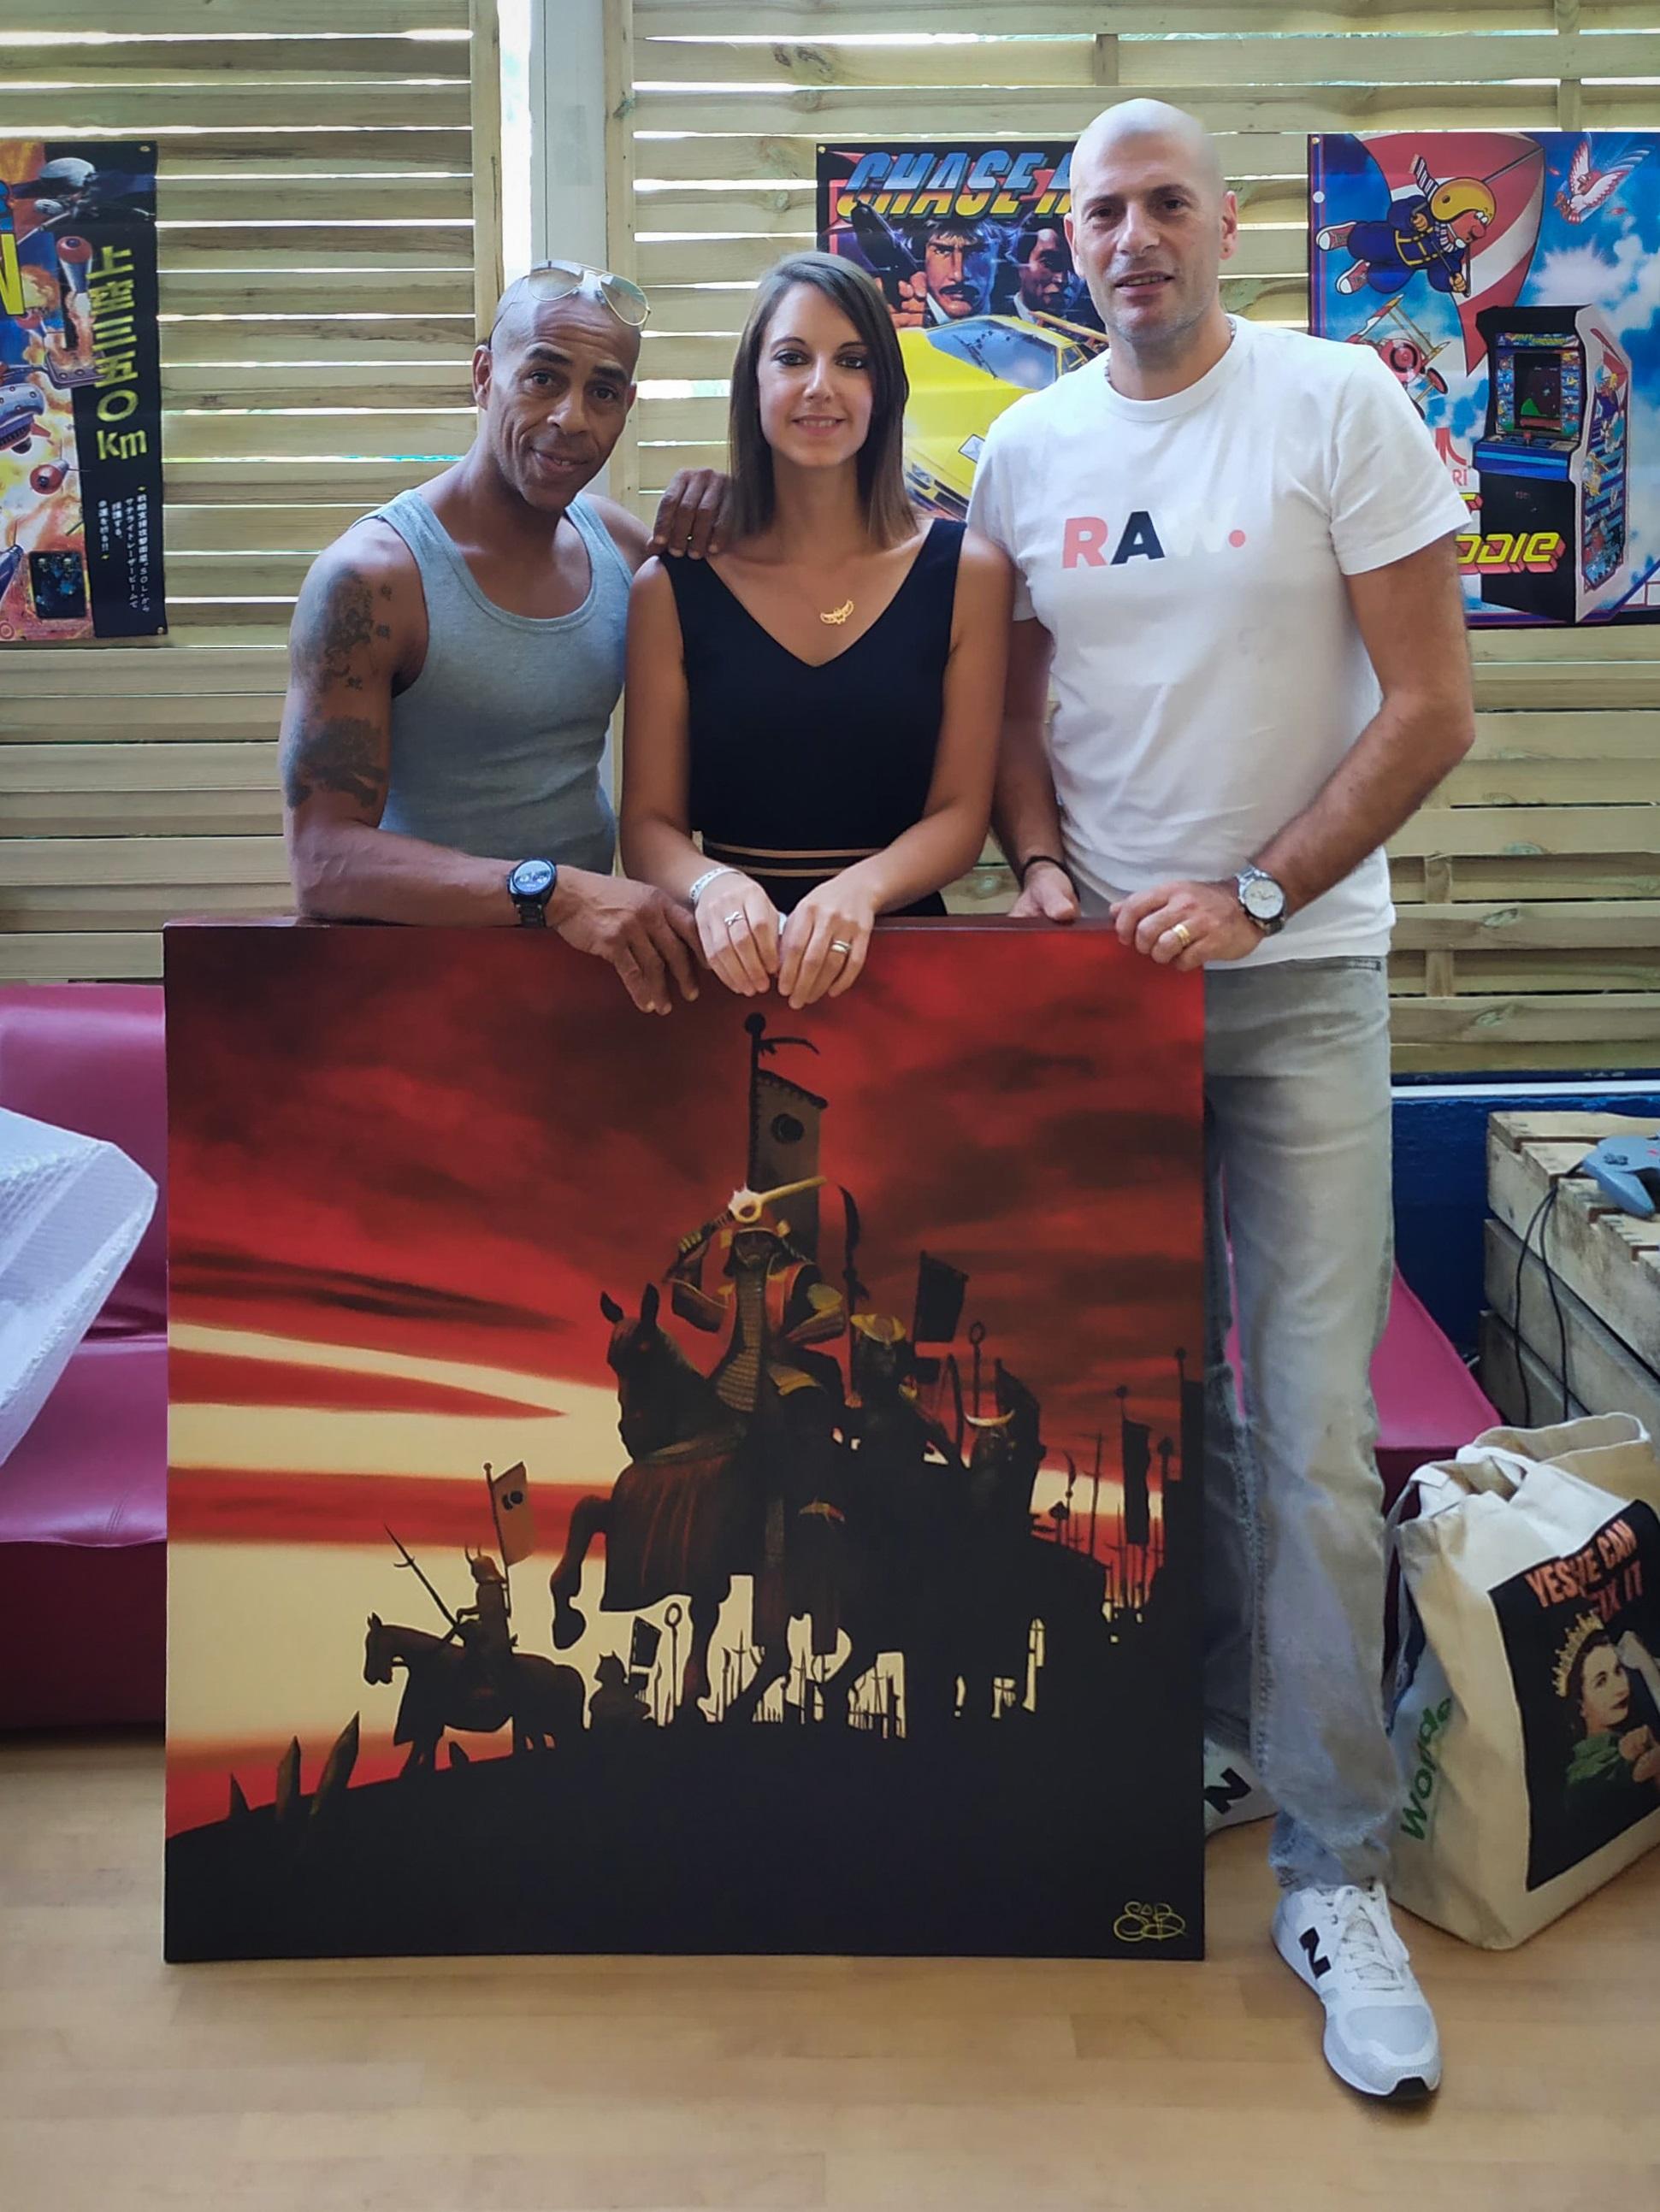 Sabrina Beretta offre sa peinture reproduisant l'album l'École du micro argent au groupe IAM